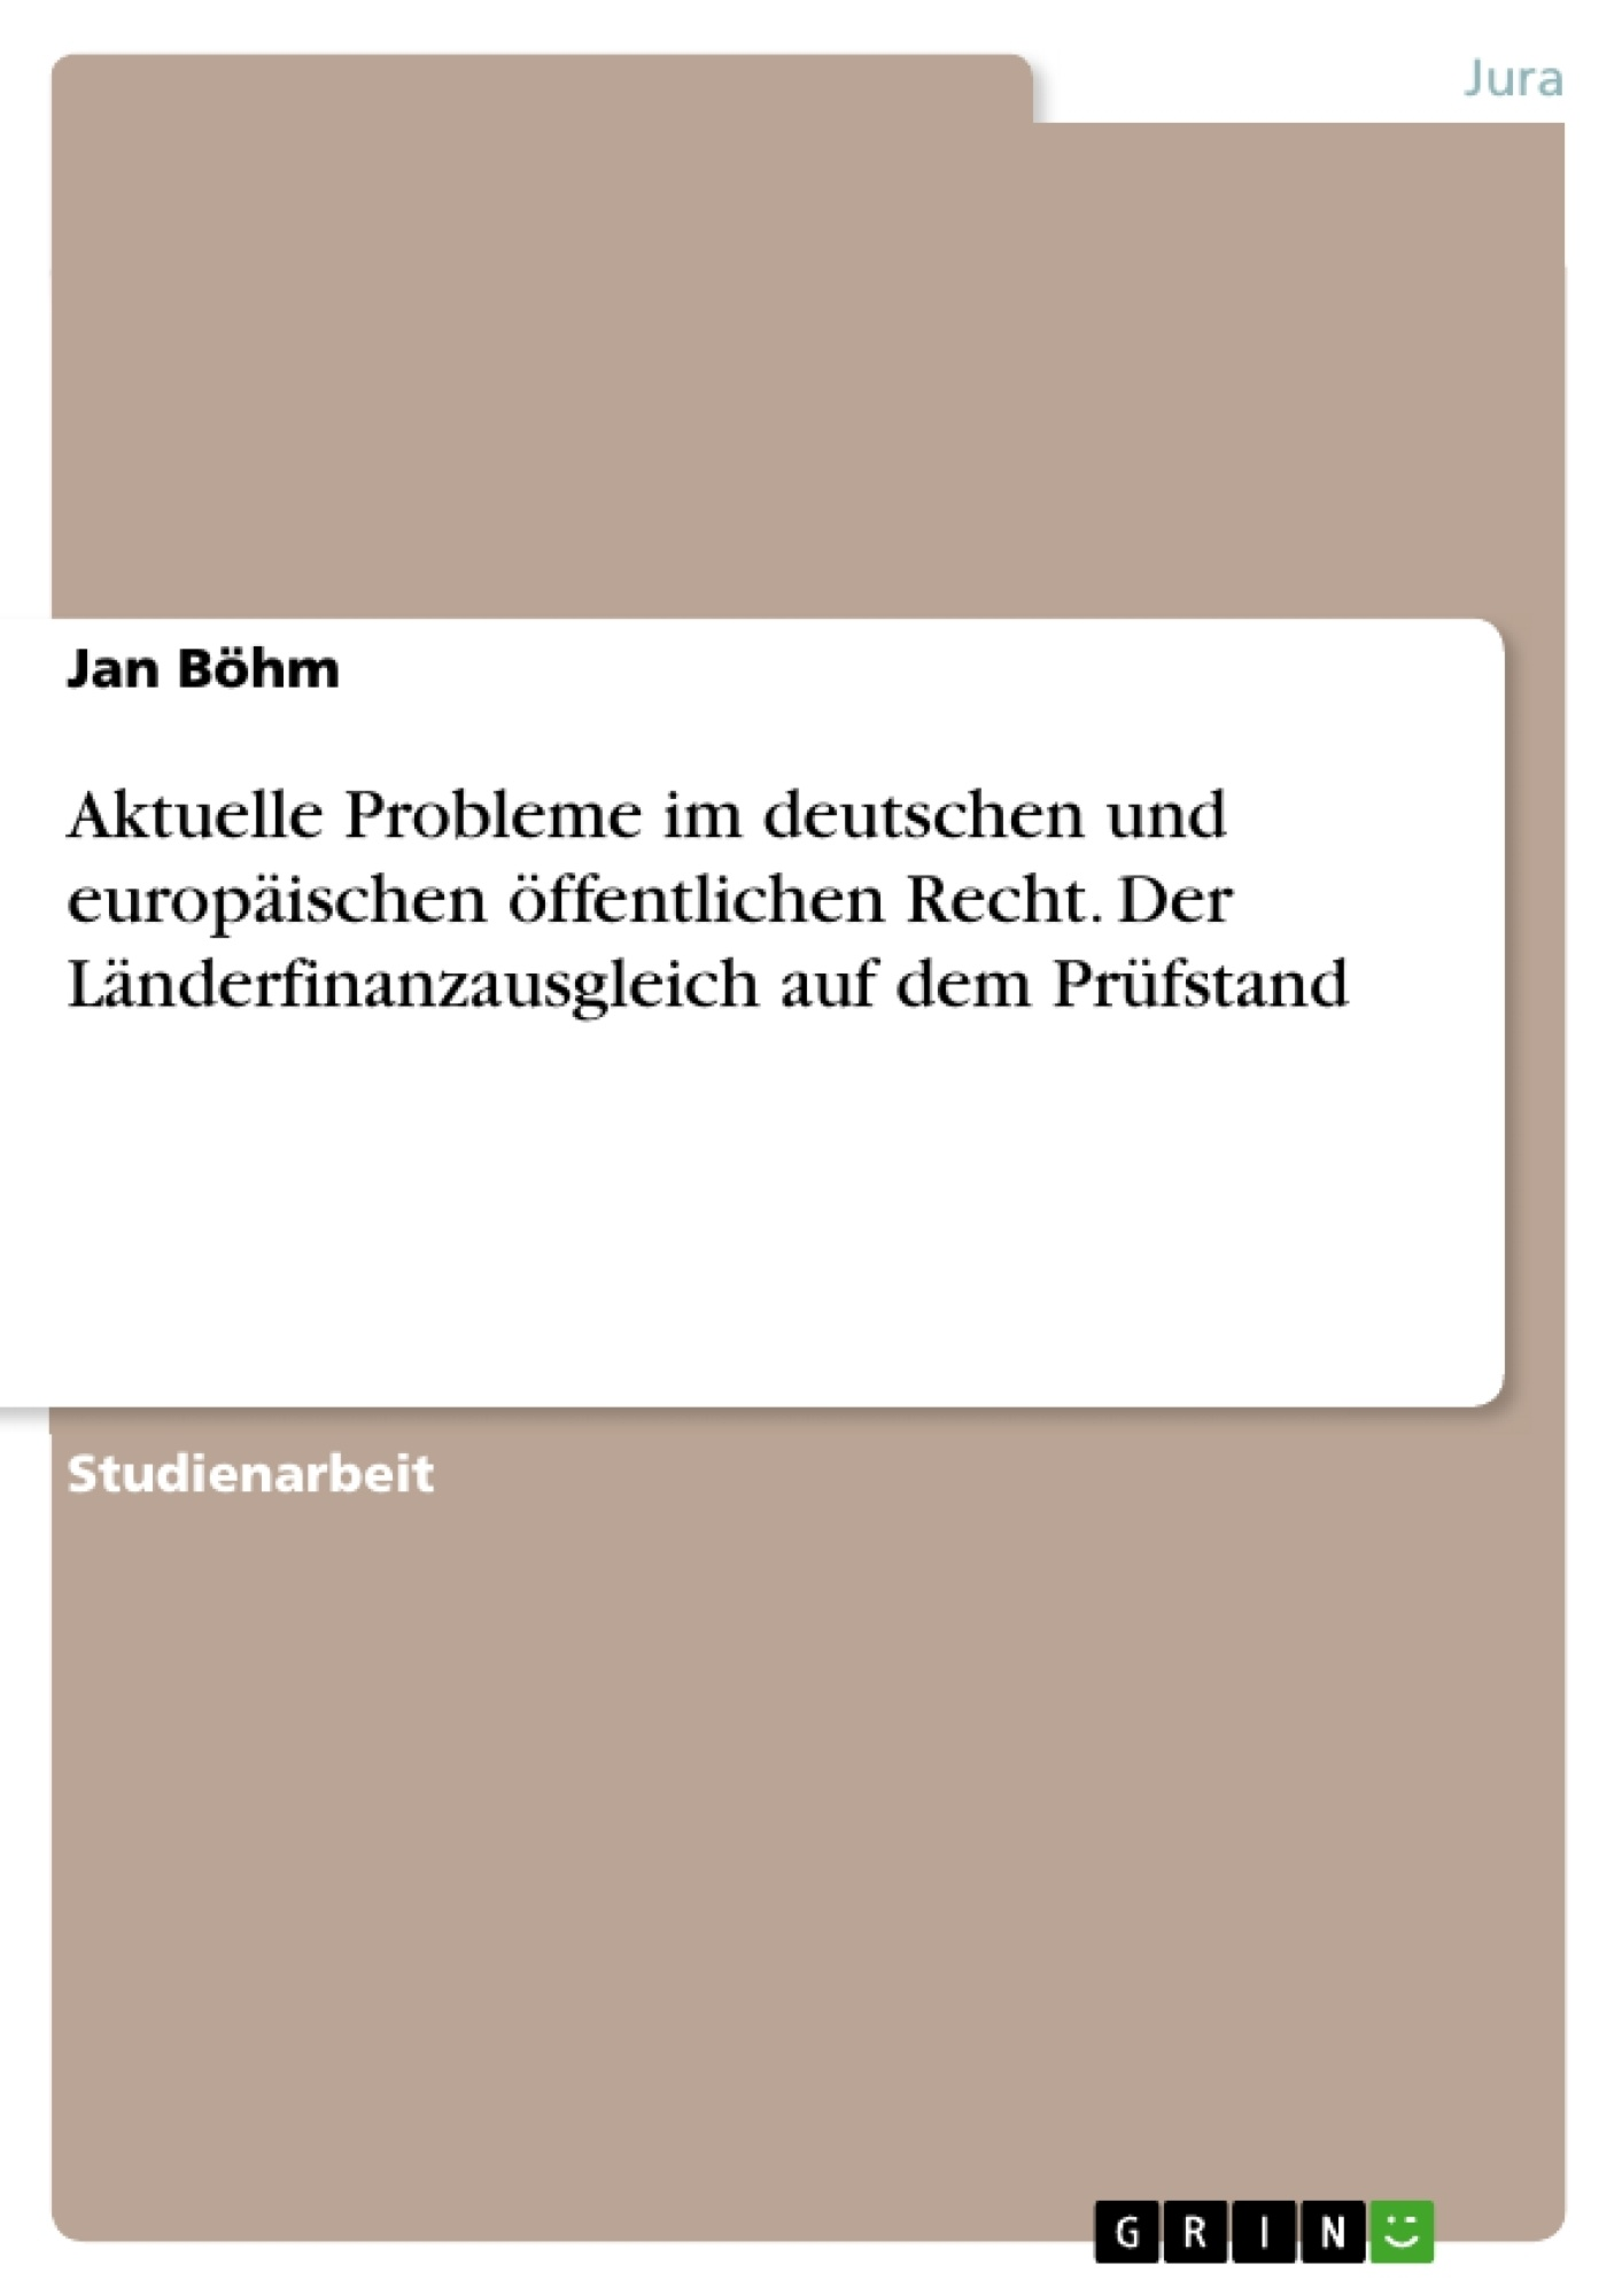 Titel: Aktuelle Probleme im deutschen und europäischen öffentlichen Recht. Der Länderfinanzausgleich auf dem Prüfstand